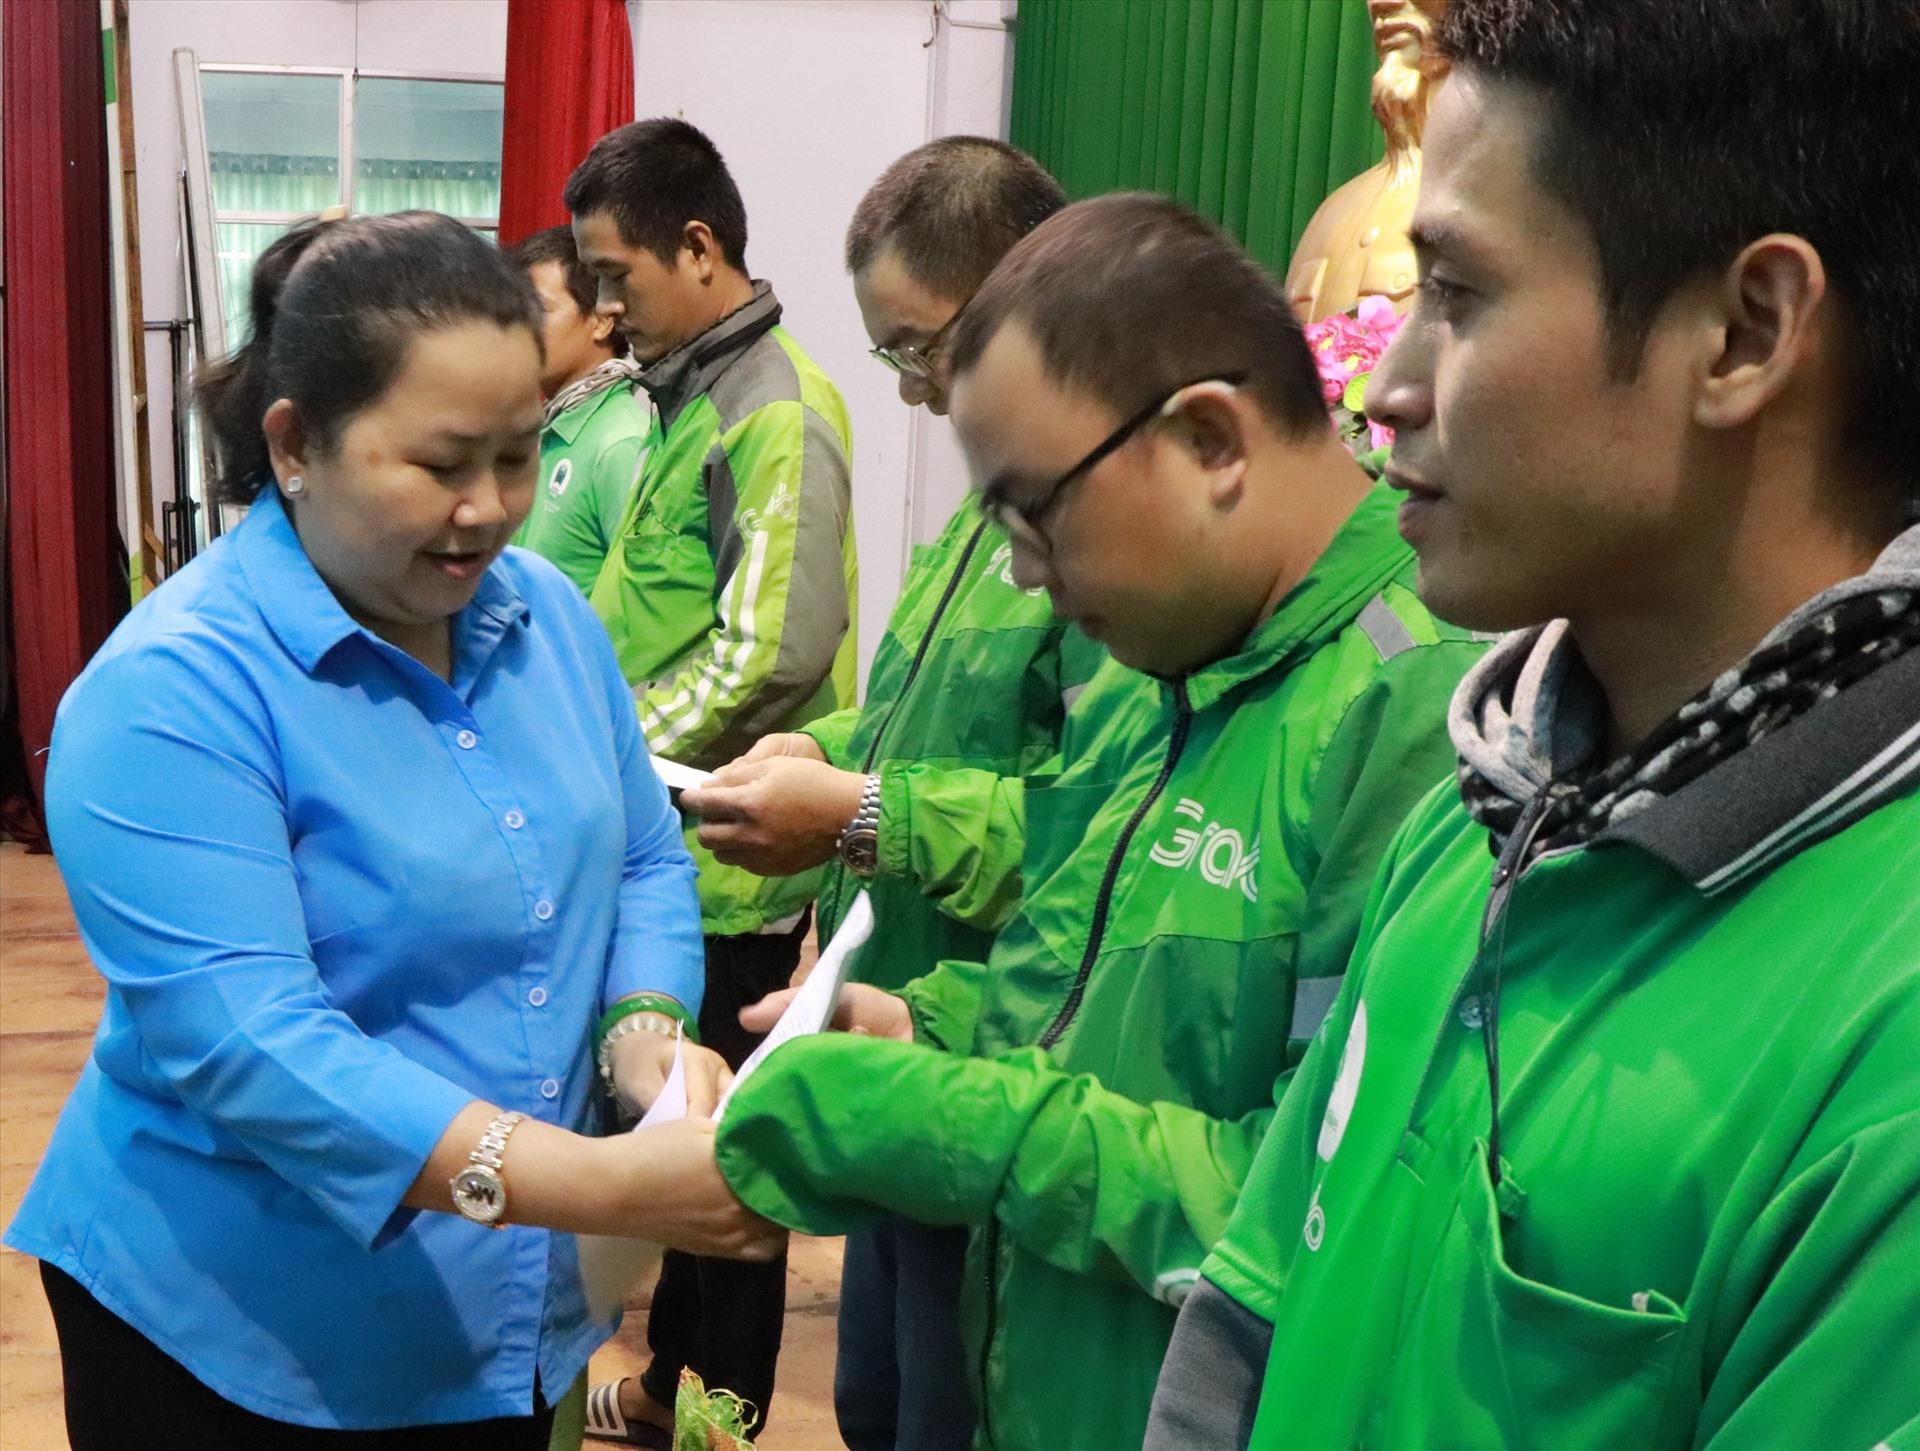 Bà Lê Thị Kim Thúy, Phó Chủ tịch LĐLĐ TPHCM, tặng quà các đoàn viên Nghiệp đoàn xe ôm công nghệ. Ảnh Đức Long.